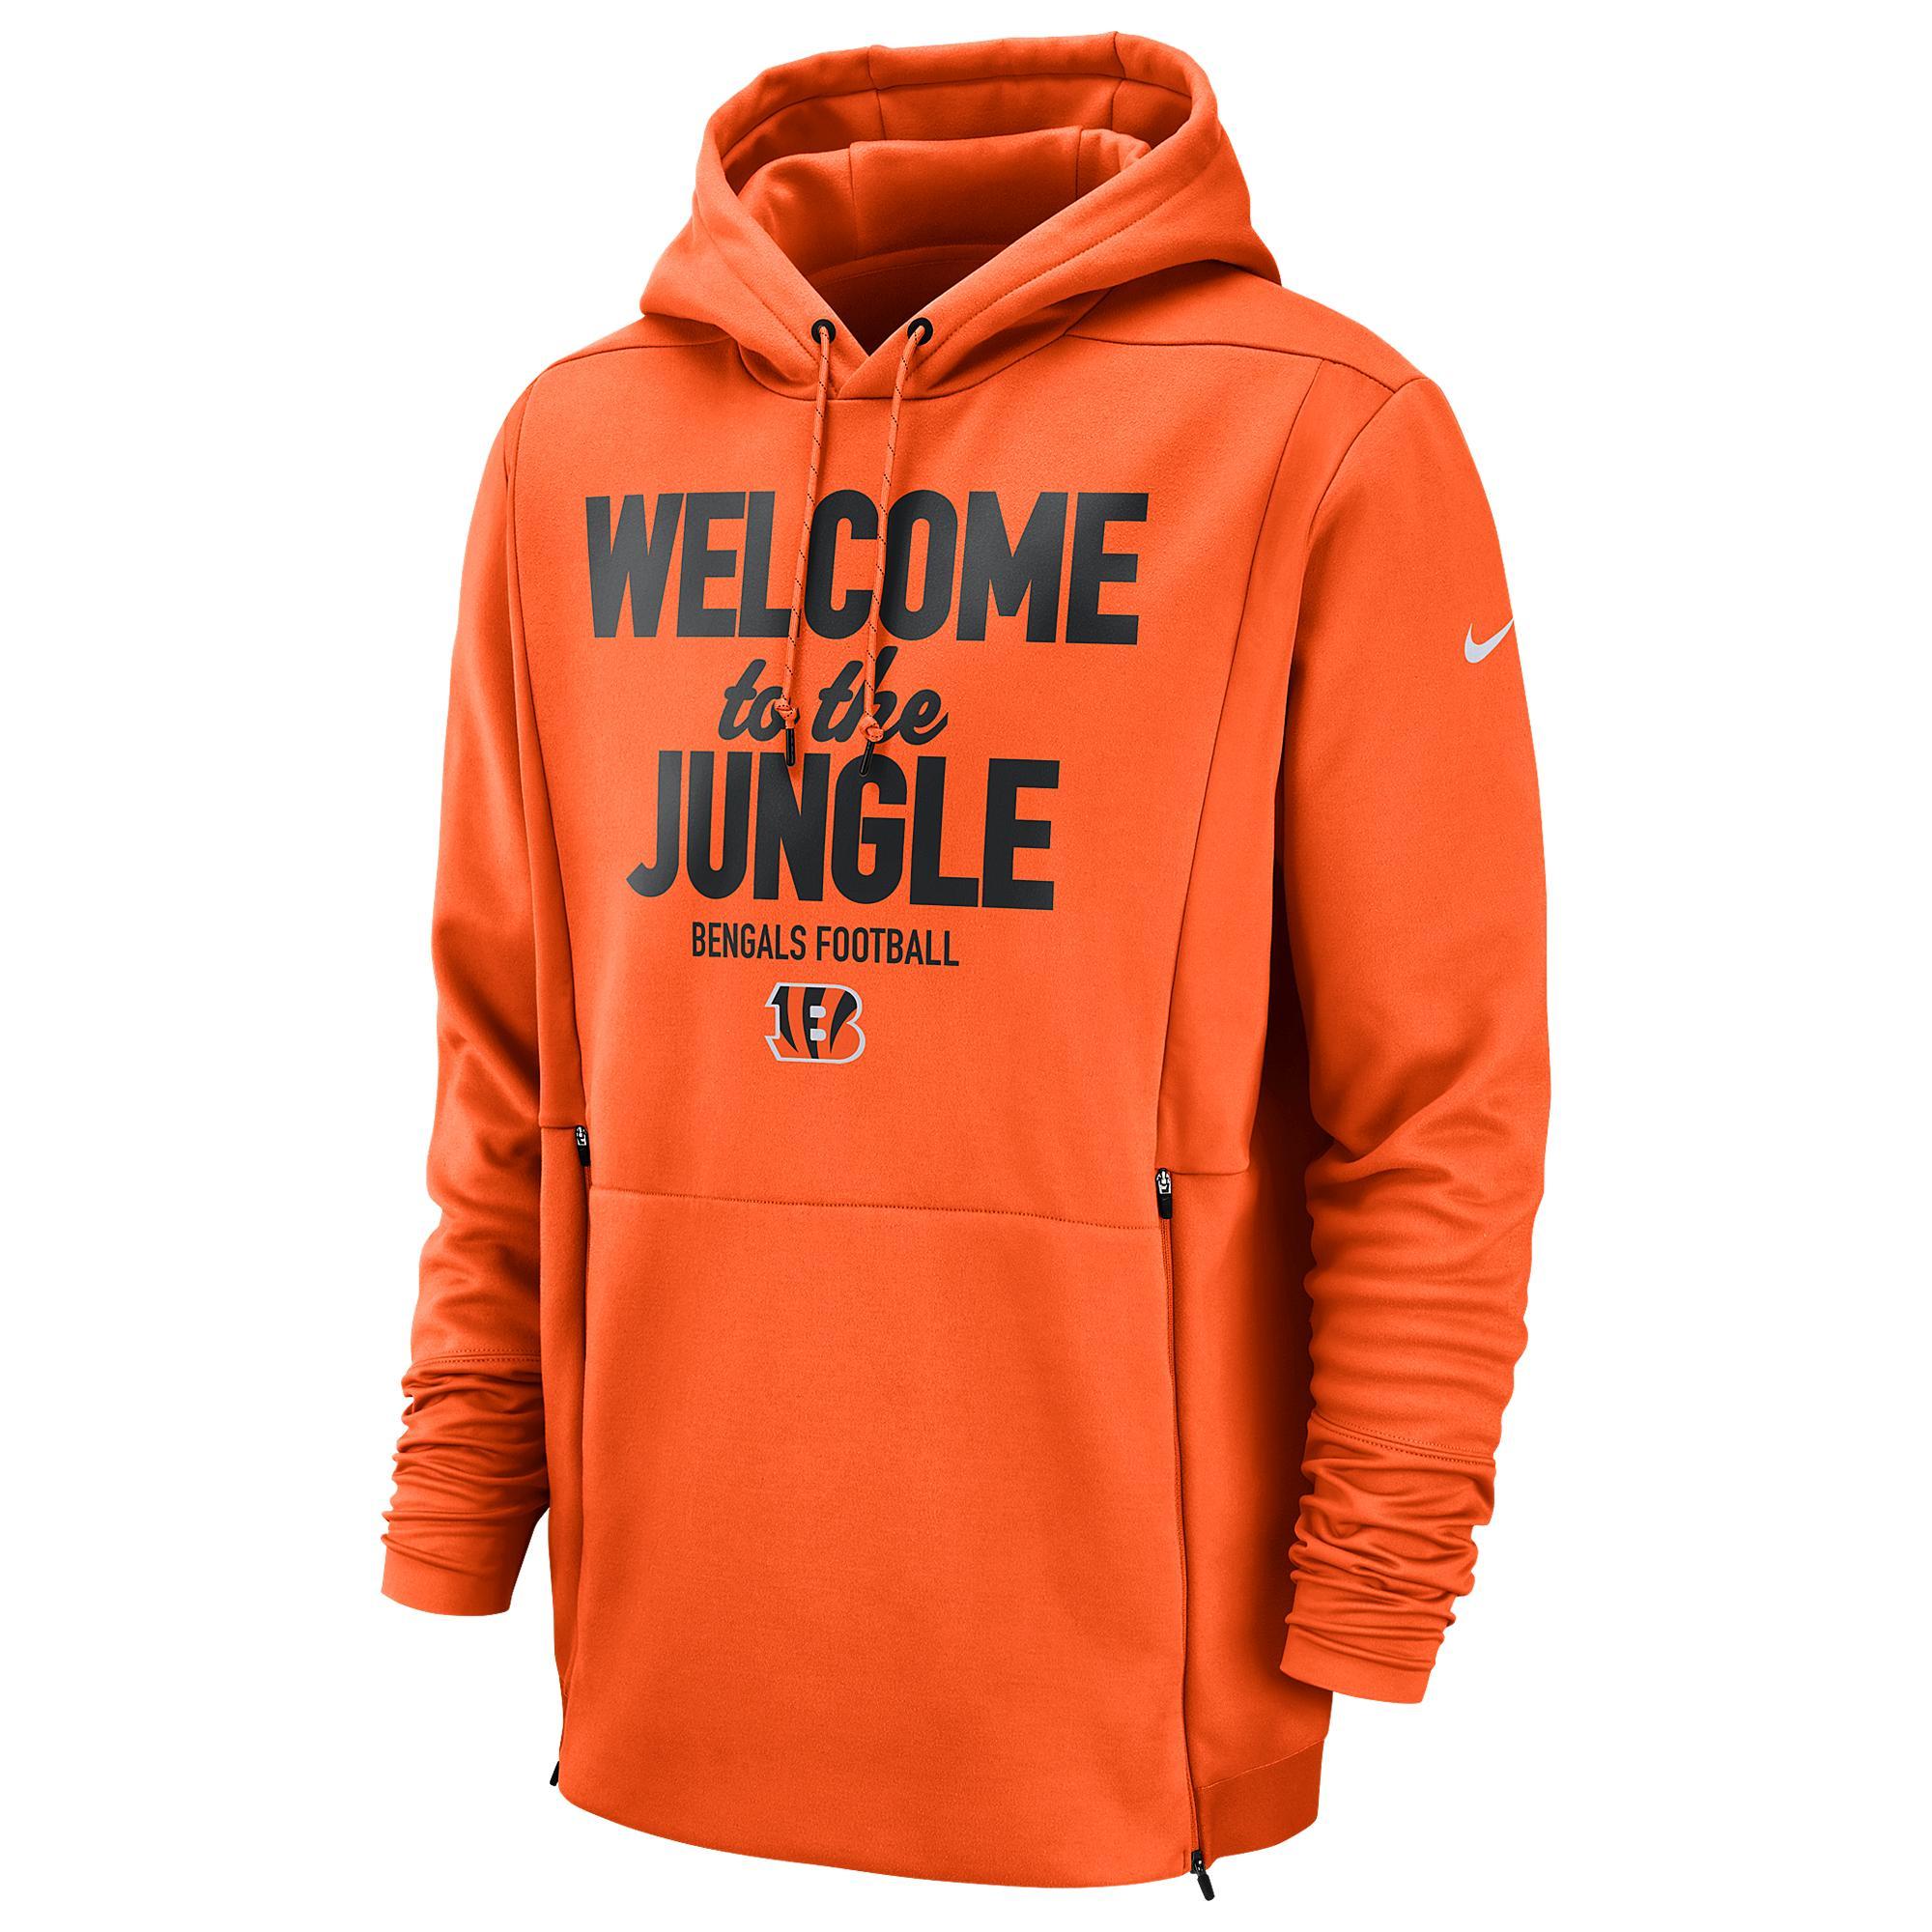 half off 56903 4da41 Men's Orange Nfl Sideline Local Player Fleece Hoodie